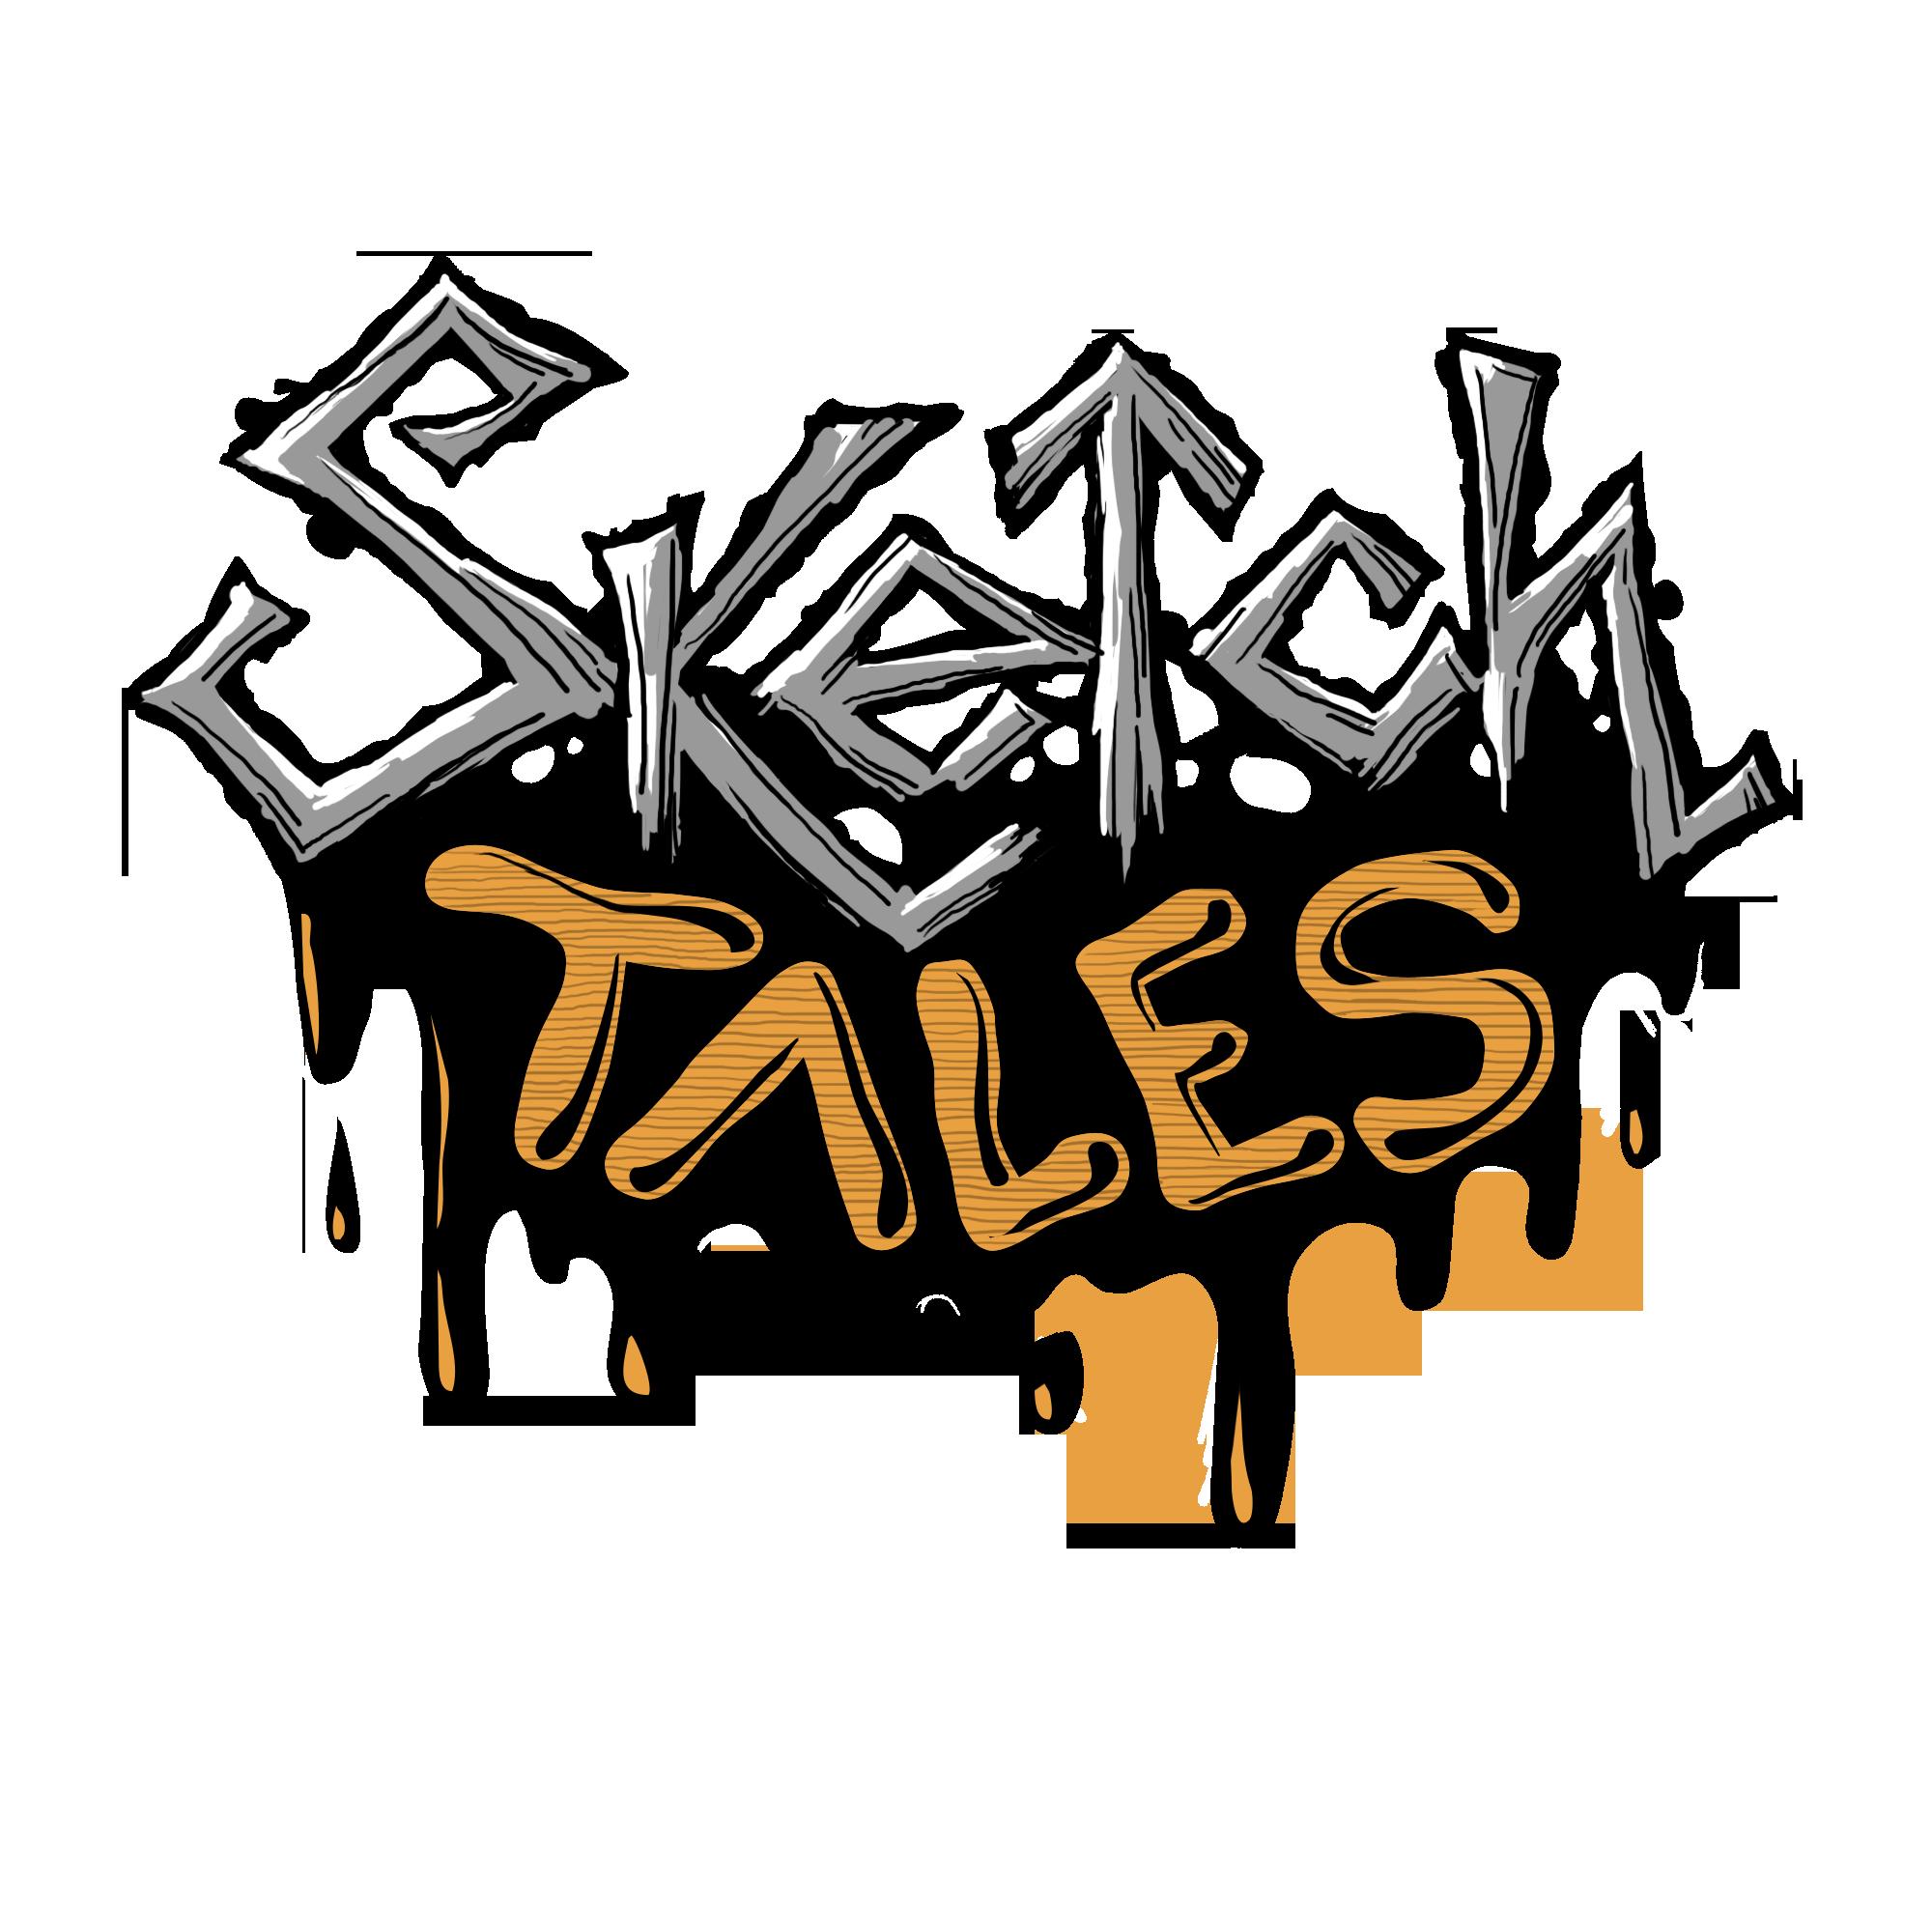 Sketch Tales в раннем доступе сегодня 28-го сентября. - Изображение 1